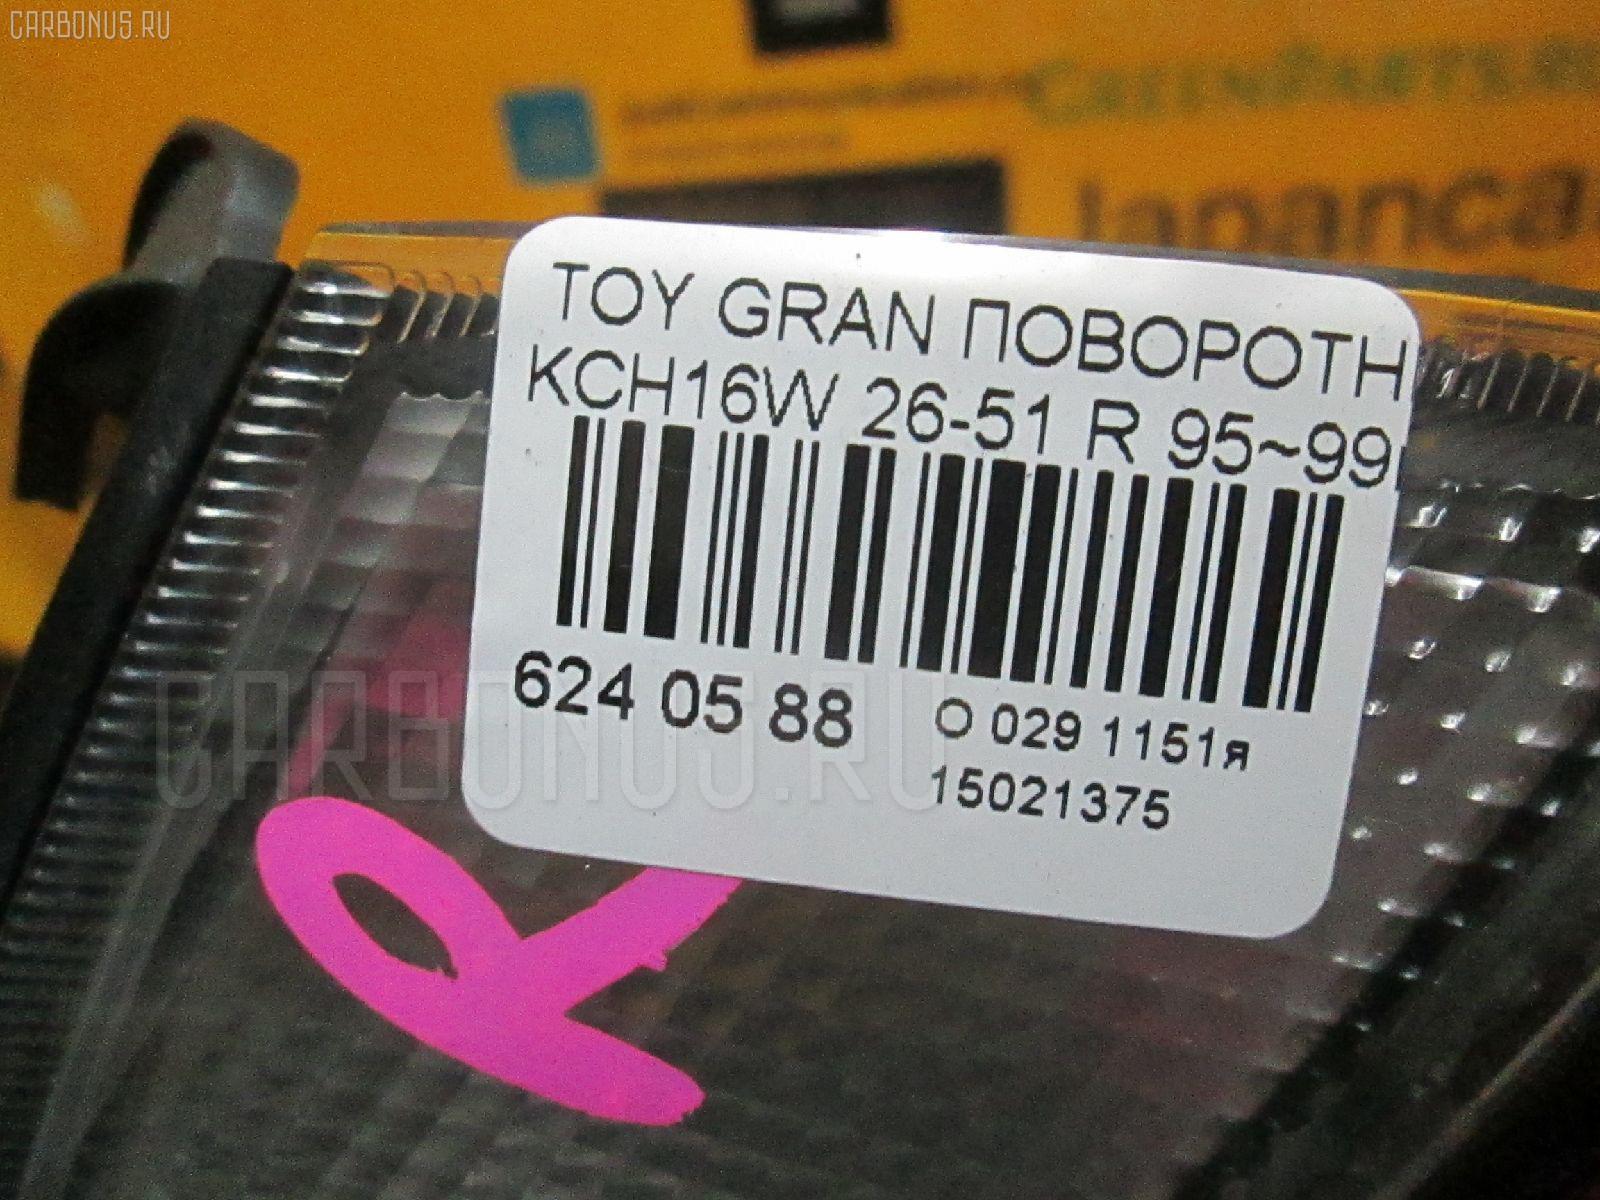 Поворотник к фаре TOYOTA GRANVIA KCH16W Фото 3